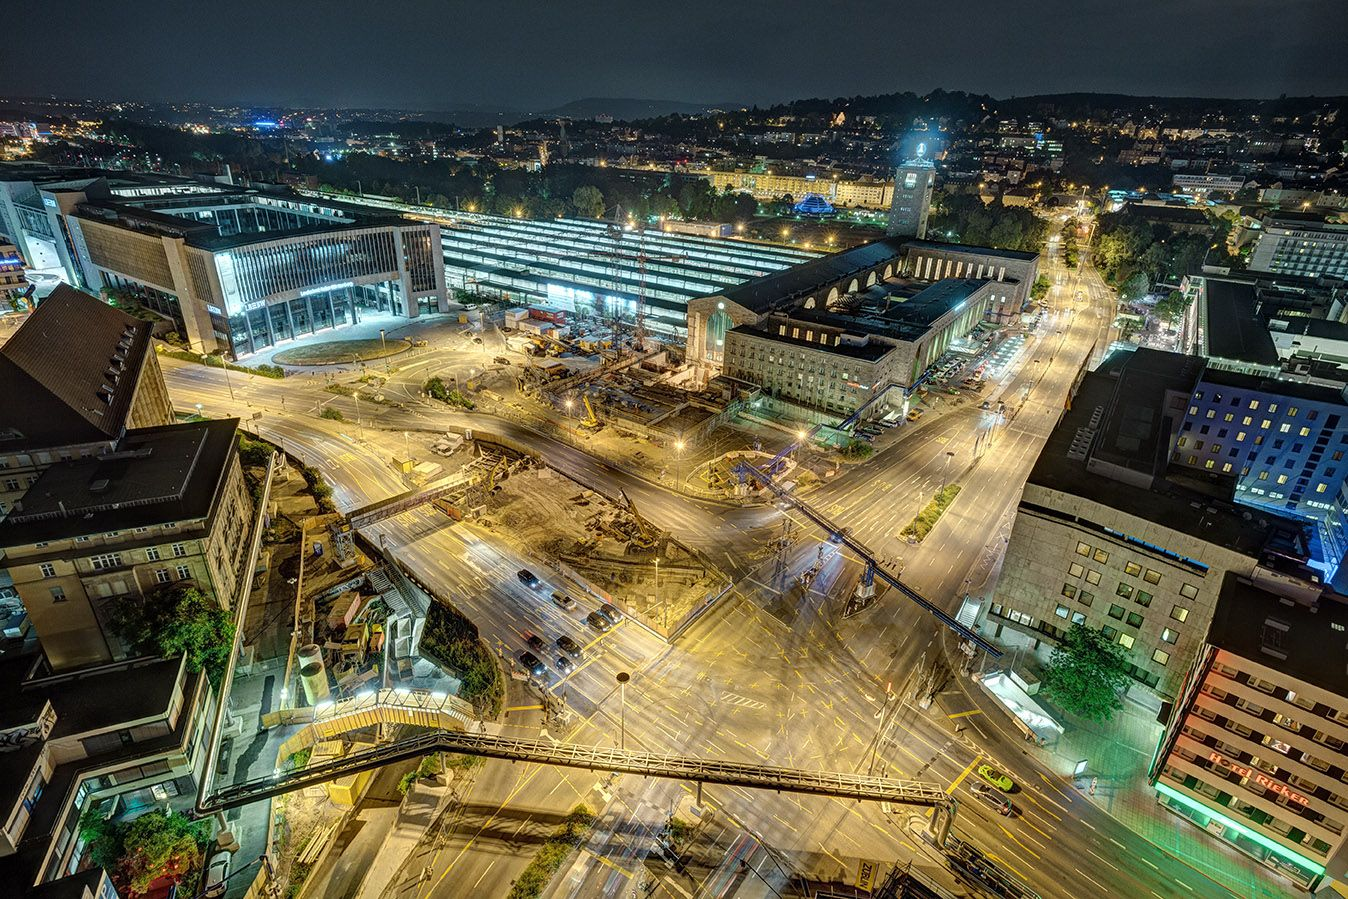 Aus 70 Meter Höhe, #nachts über dem Arnulf-Klett-Platz: #Stuttgart #Hauptbahnhof. ( #Kriegsbergstrasse #Friedrichstrasse #HeilbronnerStrasse #Kreuzung )